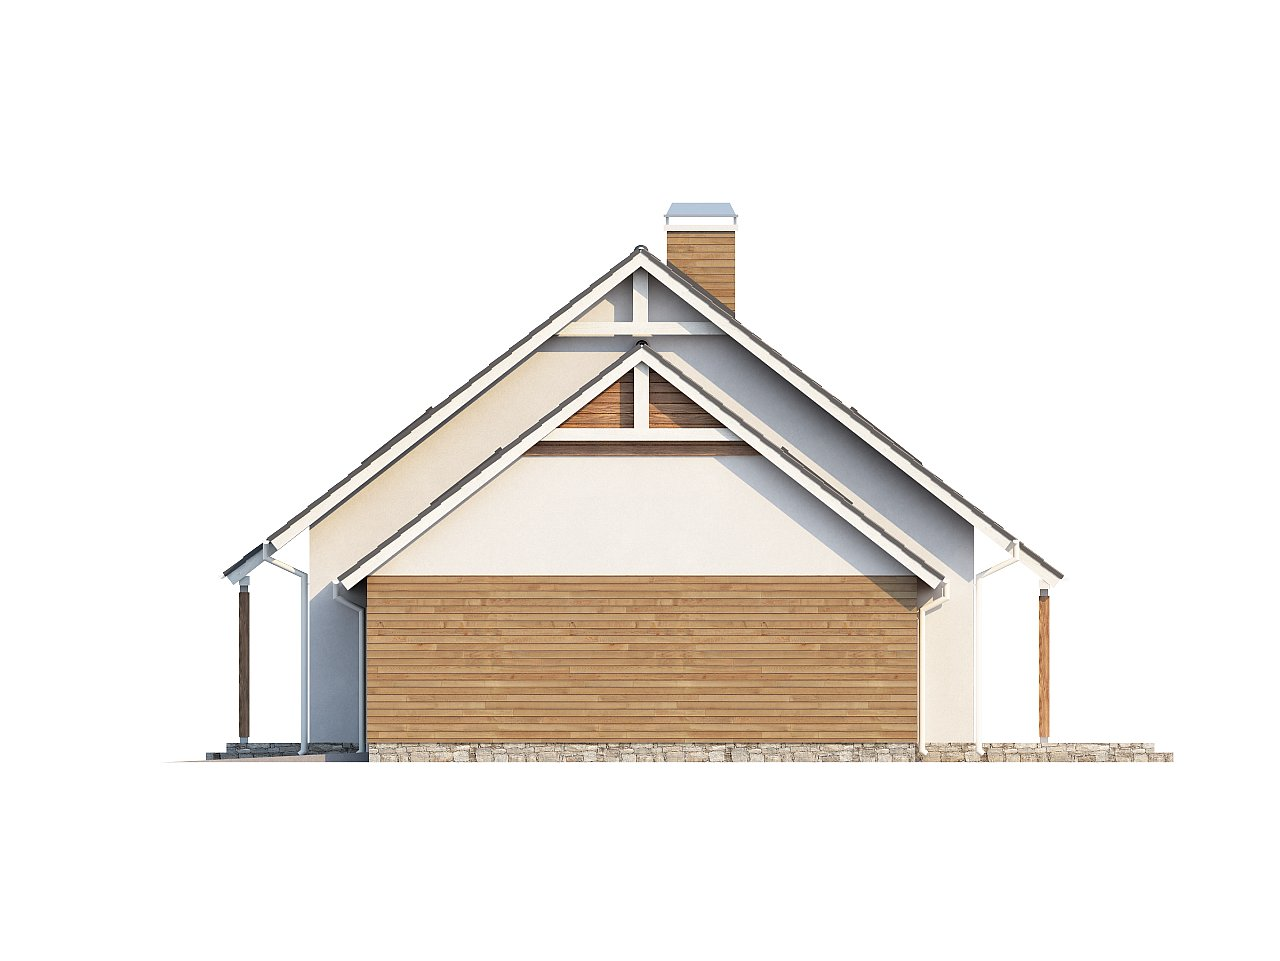 Проект функционального и удобного дома с комнатой над гаражом. 23